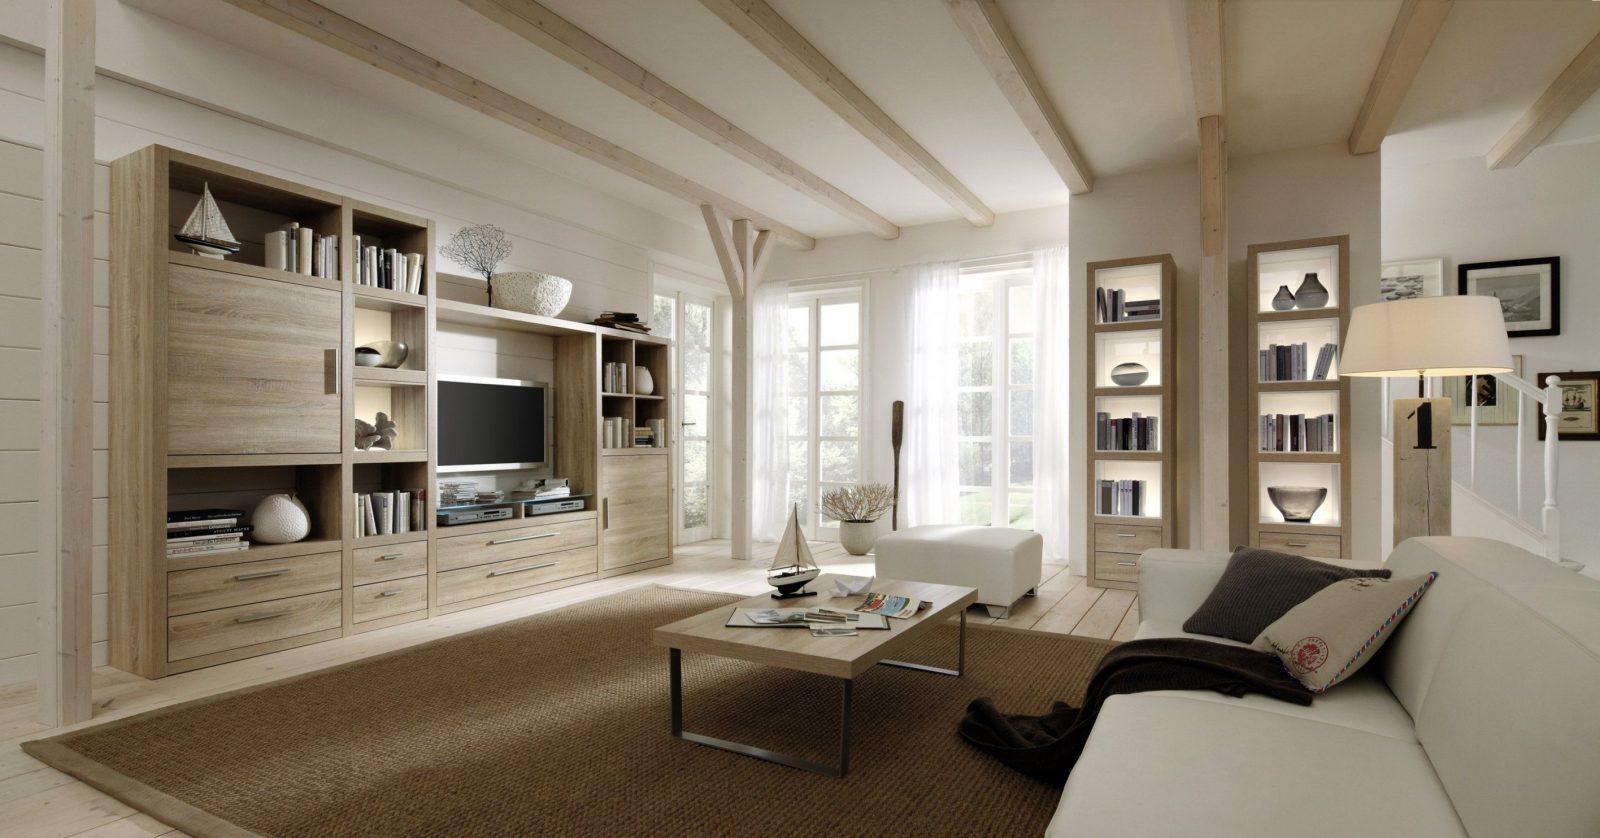 Inspirierend Möbel Wohnzimmer Möbel Kaufen Trop Möbelabholmarkt von Bilder Für Wohnzimmer Kaufen Photo